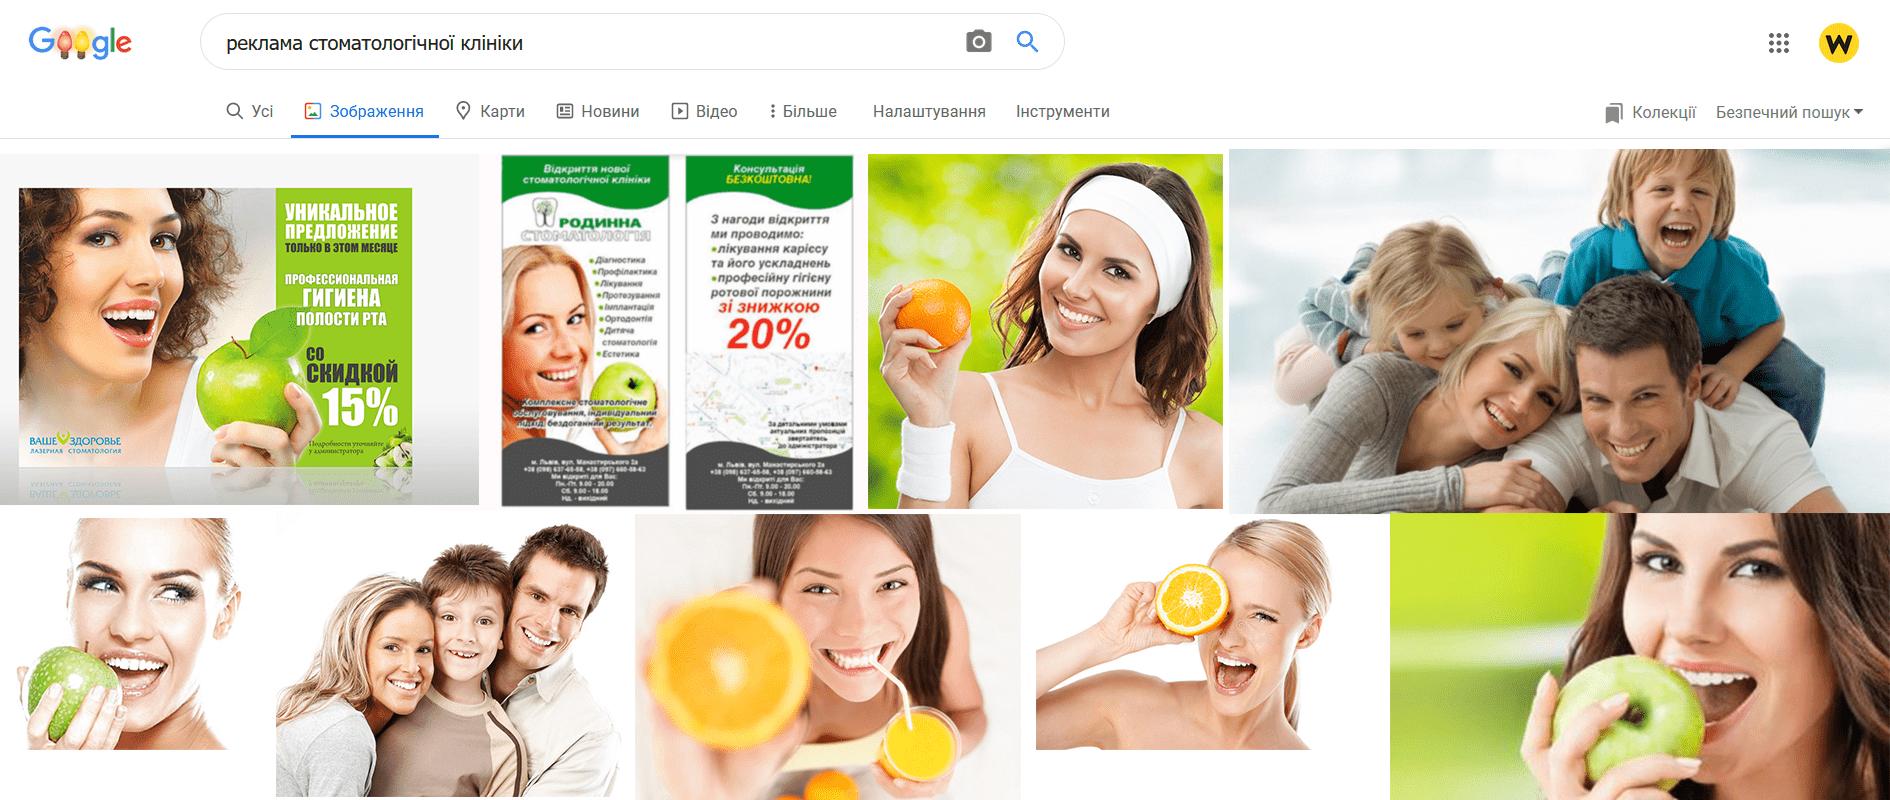 Реклама стоматологічних клінік